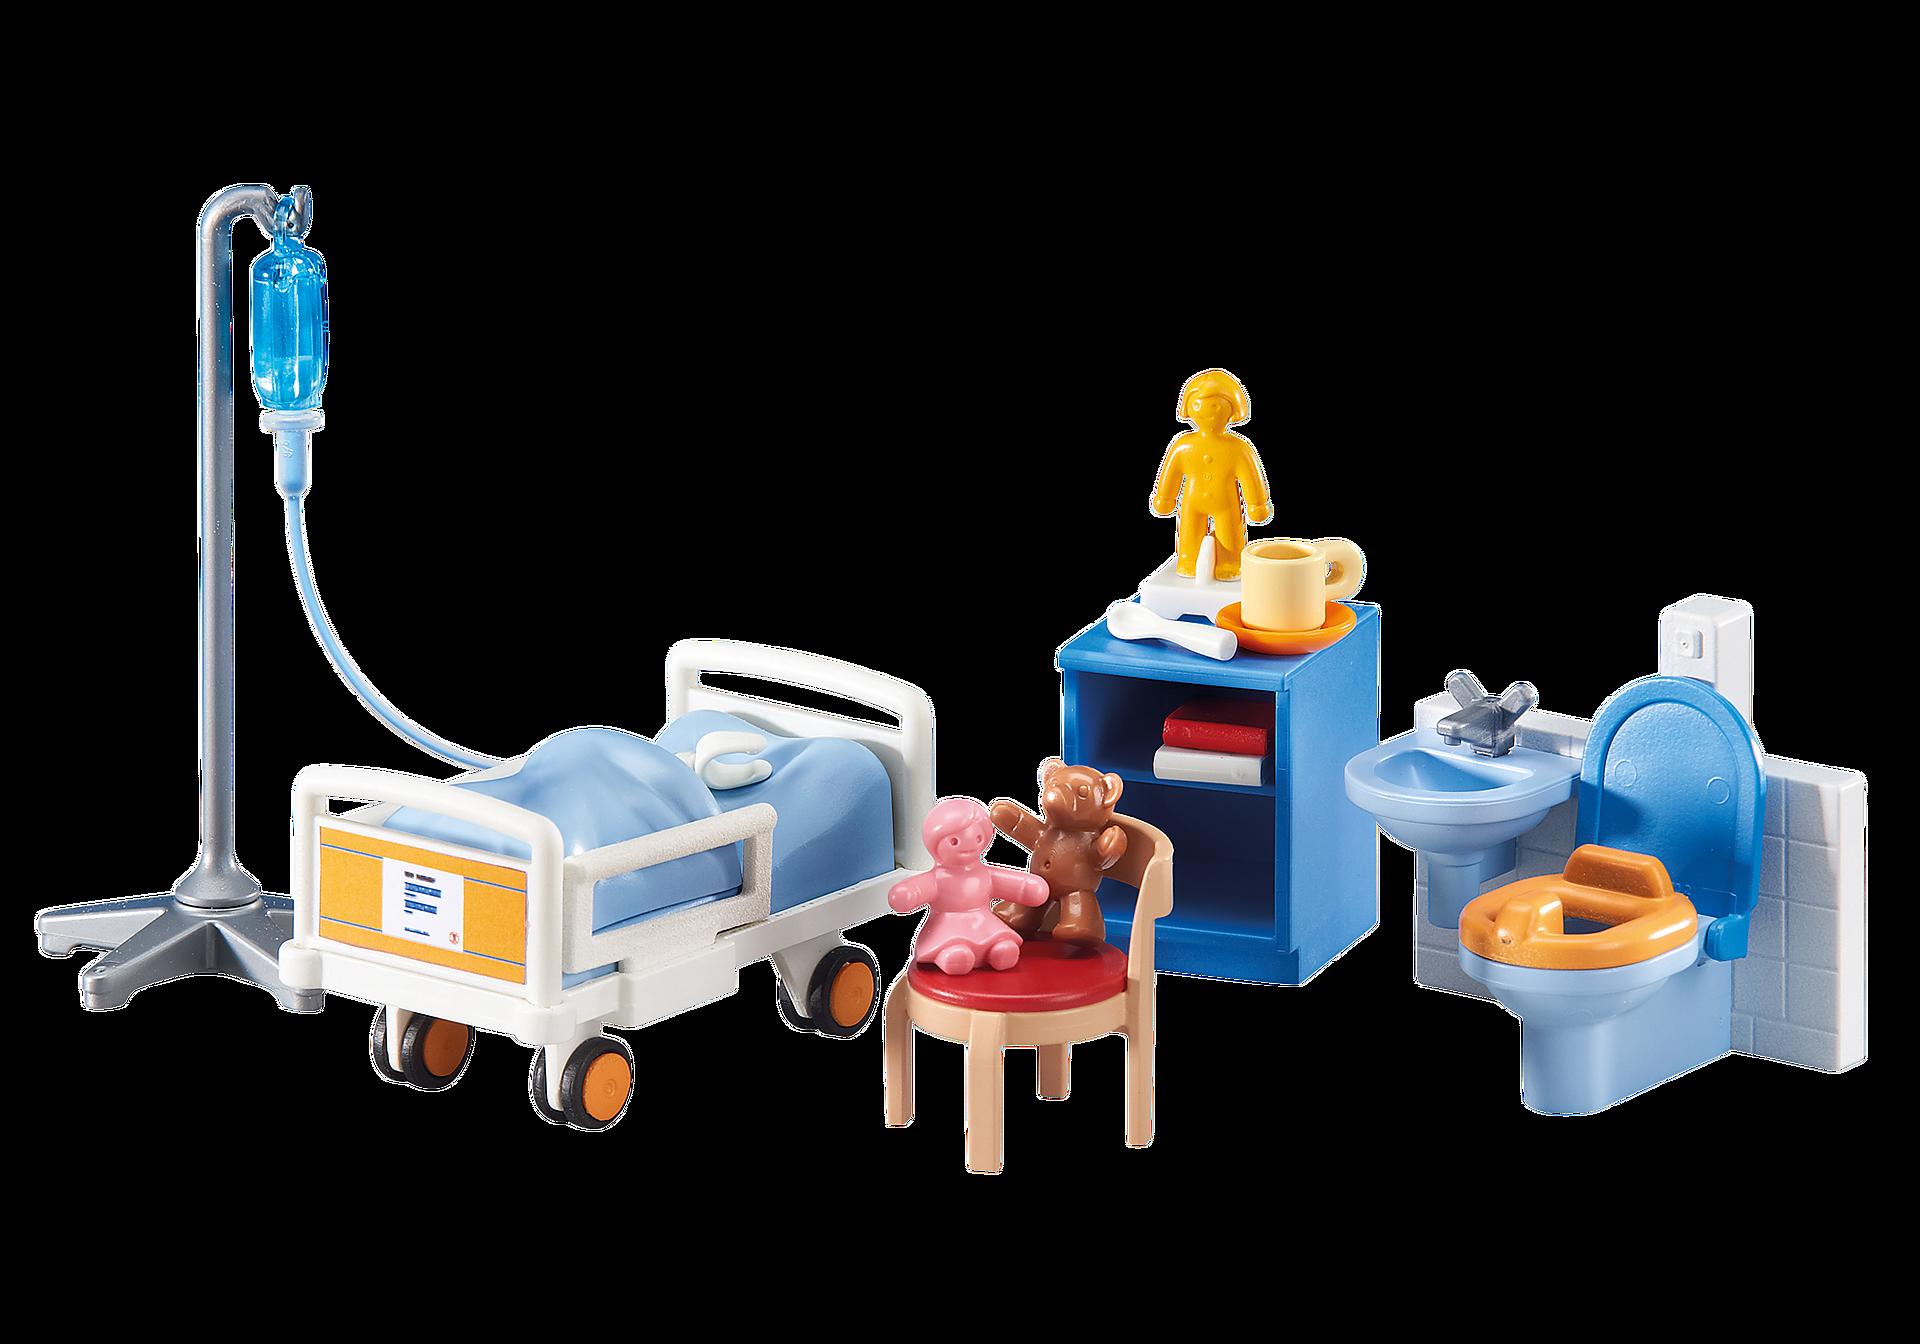 6444 Hospitalsstue til børn zoom image1